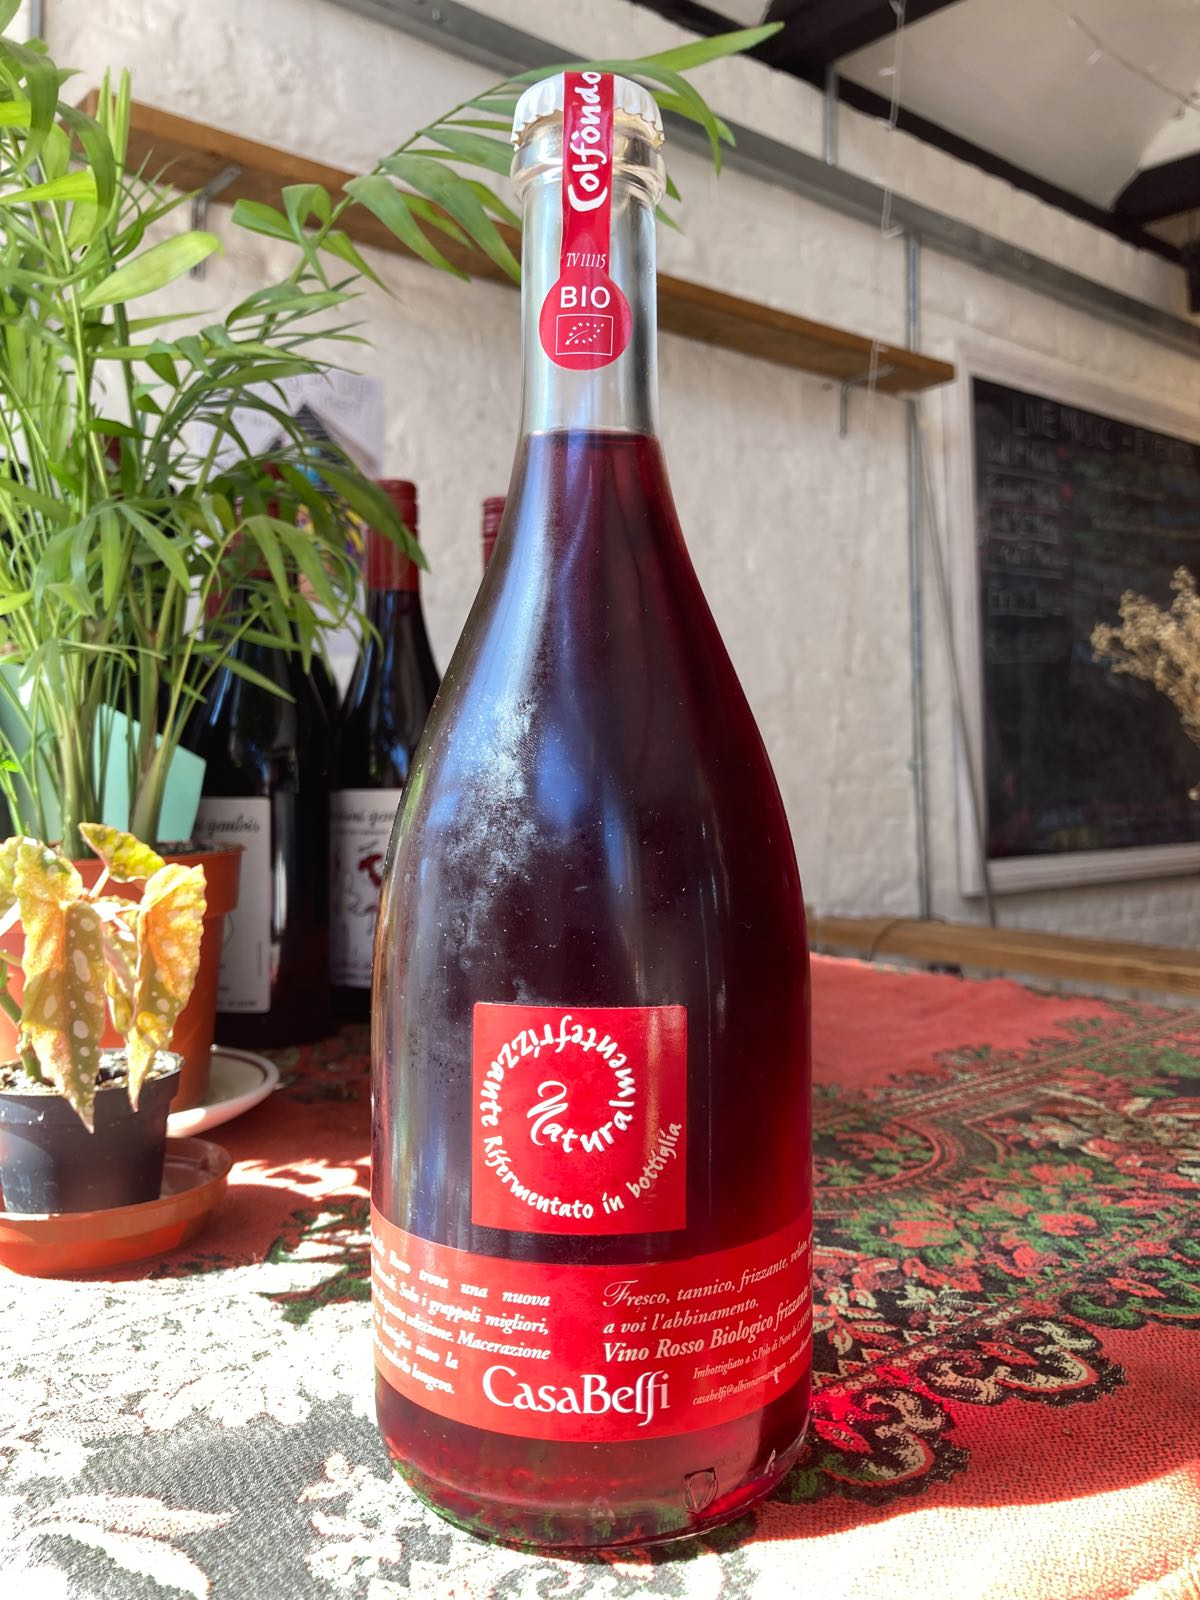 Casa Belfi - Col Fondo Prosecco DOC Frizzante/red (10.5%) (North-East Italy)